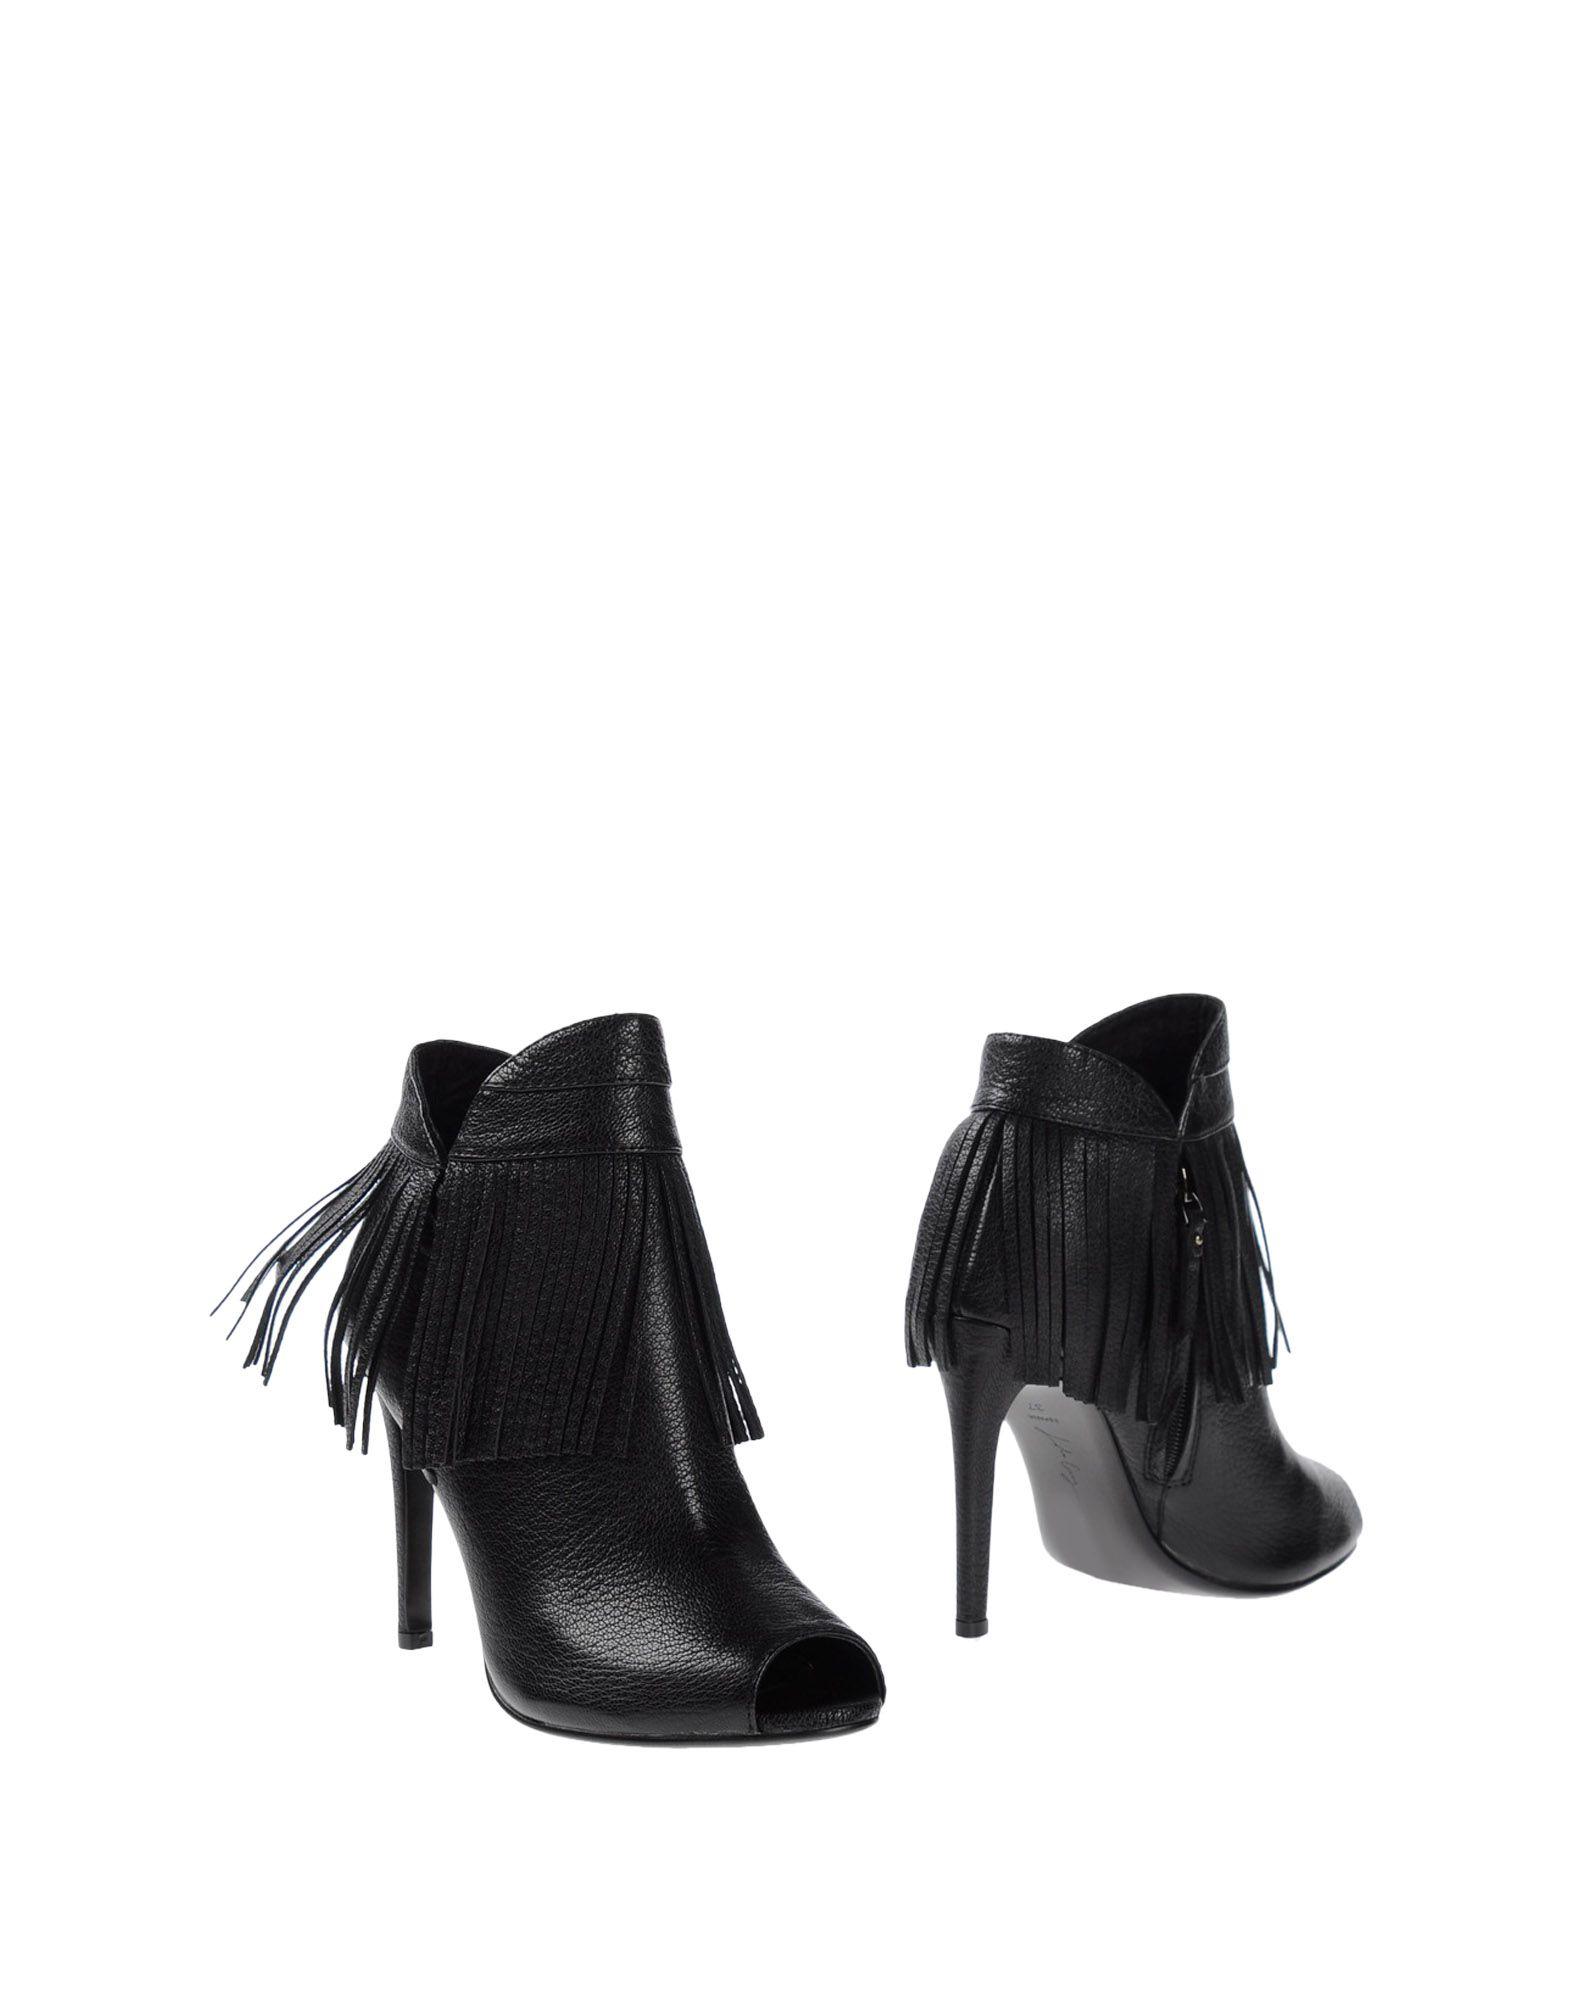 Stilvolle Stiefelette billige Schuhe Lola Cruz Stiefelette Stilvolle Damen  11009340AP 999f35